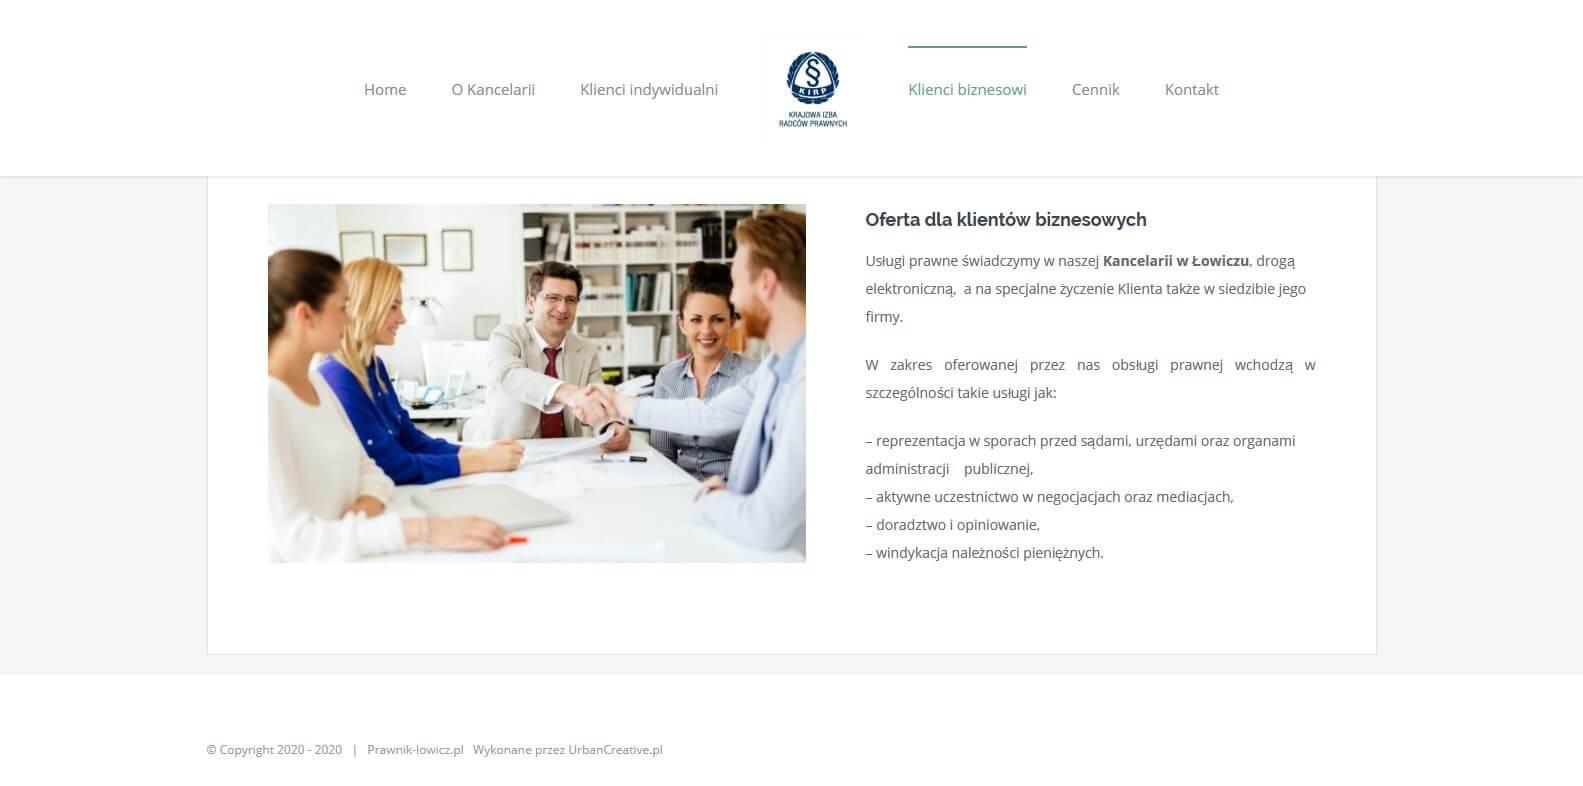 Prawnik02_2020-04-15 Klienci biznesowi